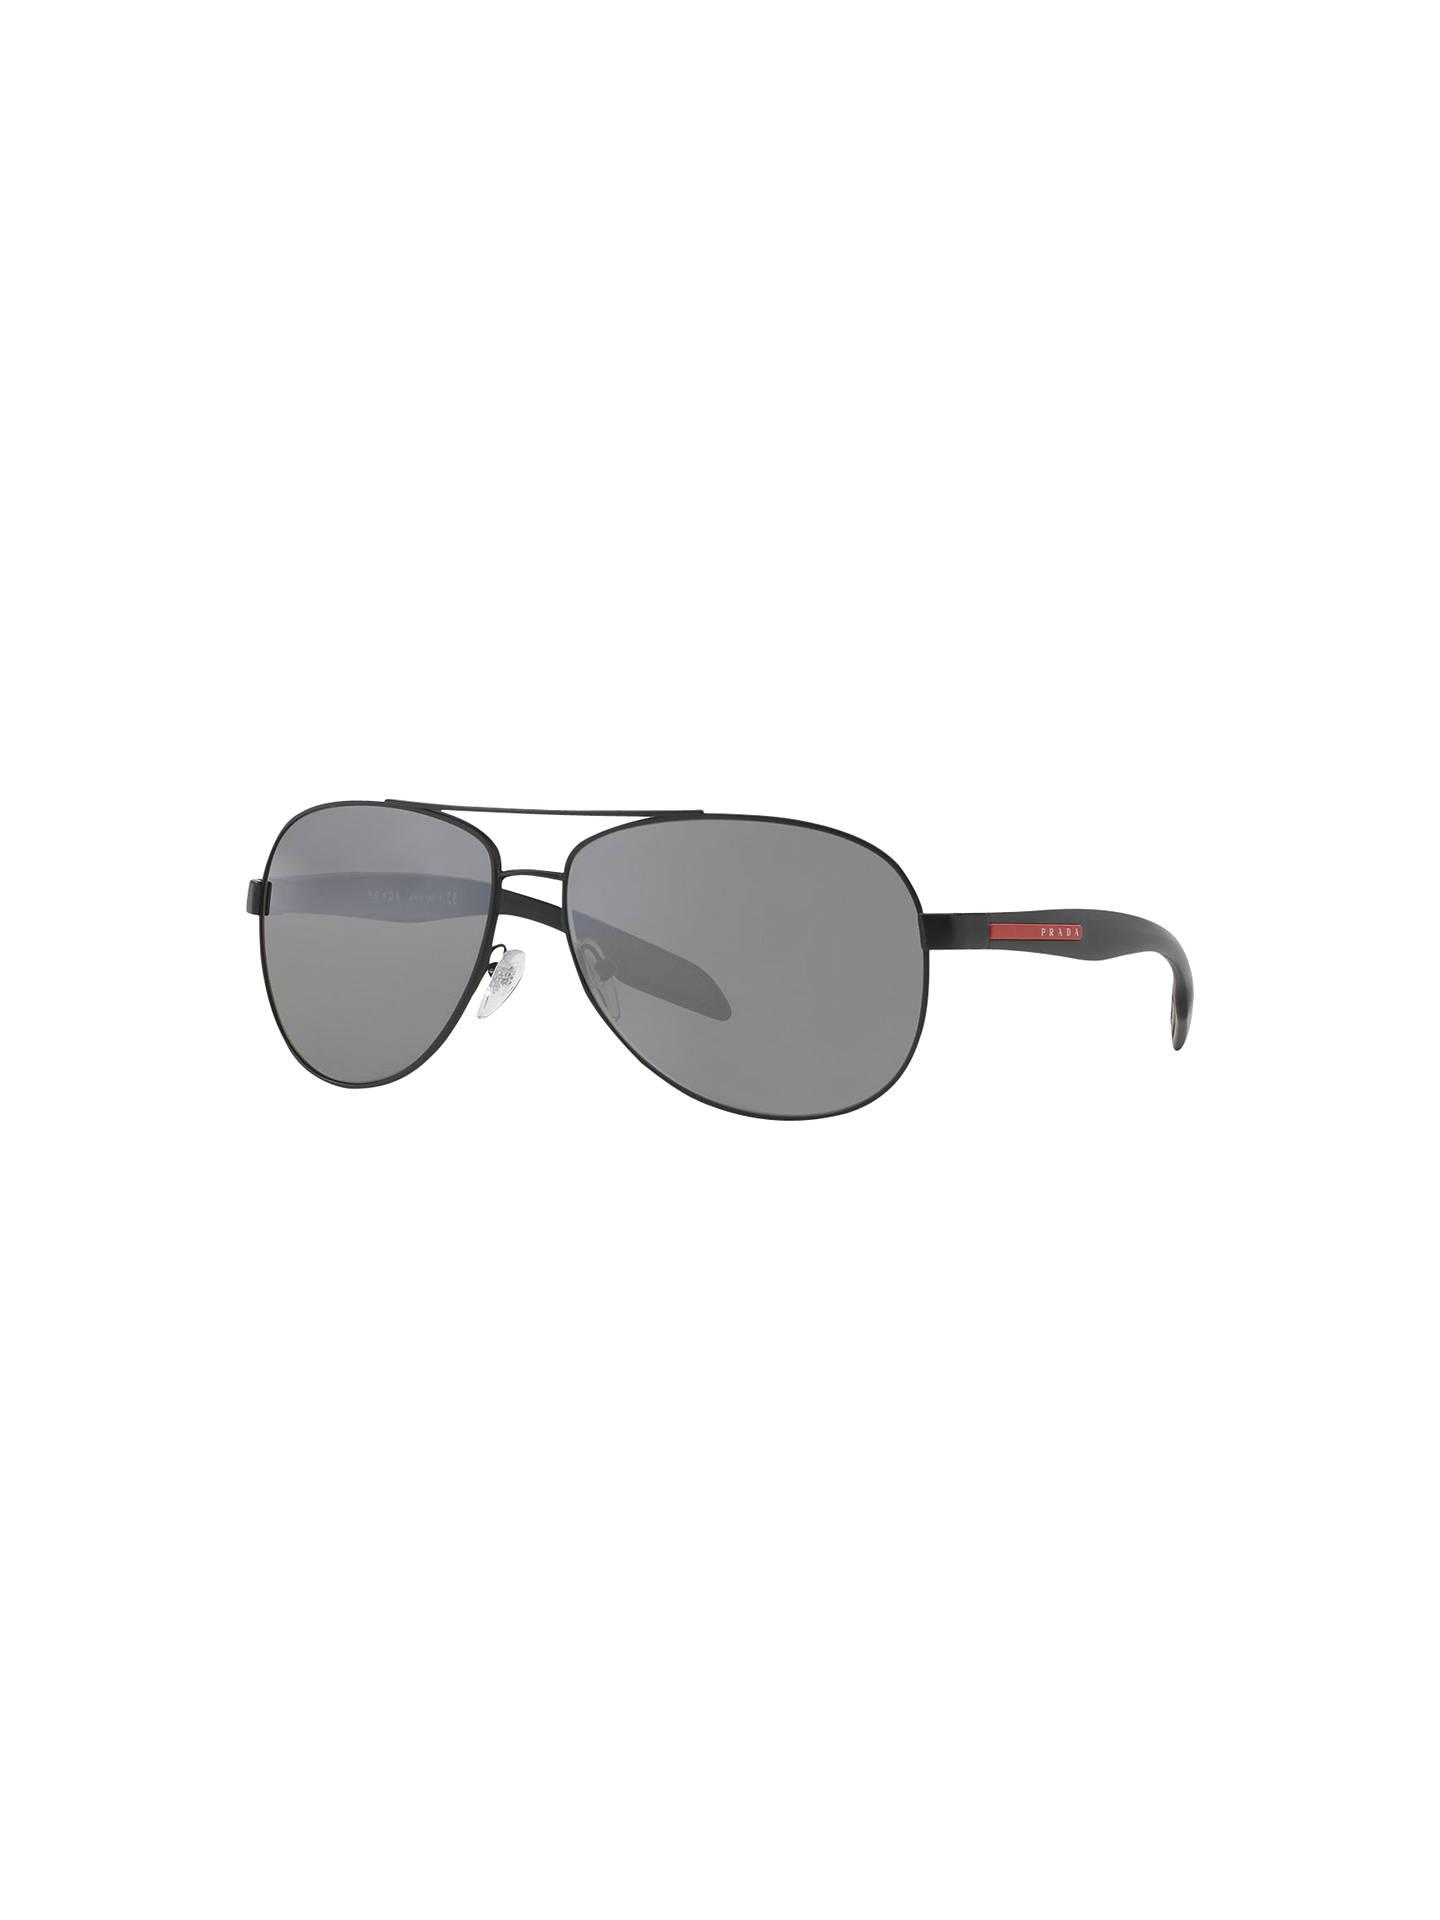 a34d2efcd22 Buy Prada Linea Rossa PS 53PS Sunglasses